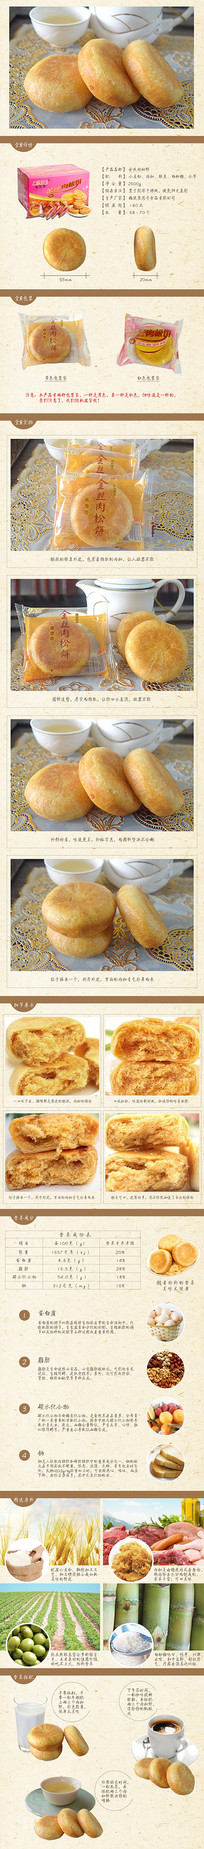 食品详情页设计 PSD